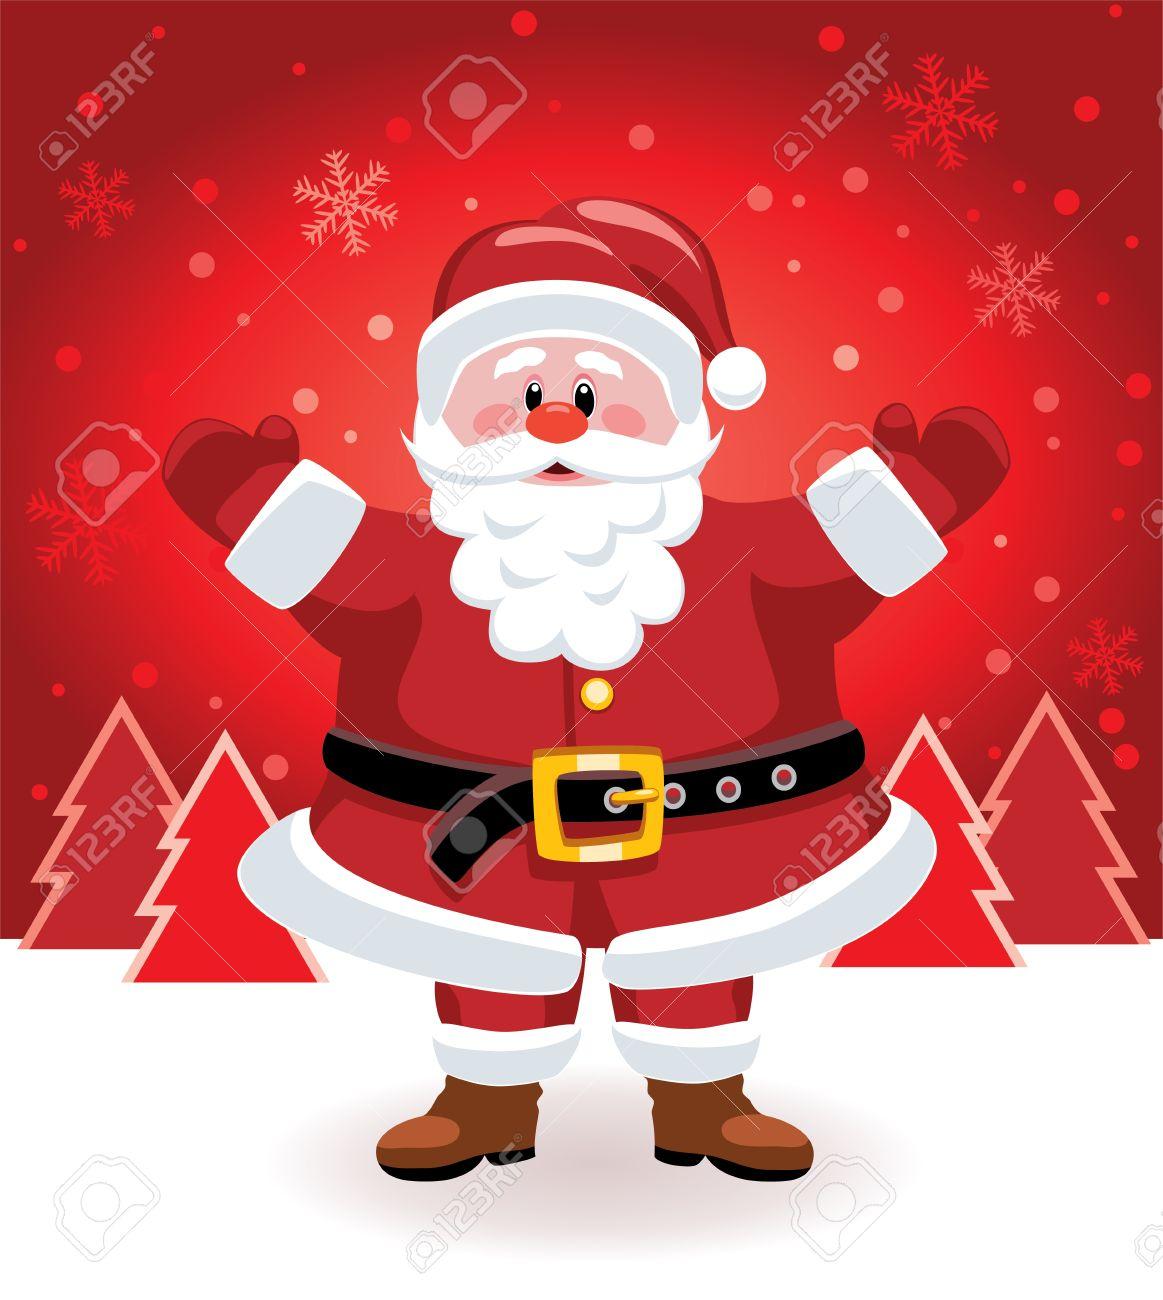 Imagenes De Papa Noel De Navidad.Vector De Navidad Ilustracion De Papa Noel